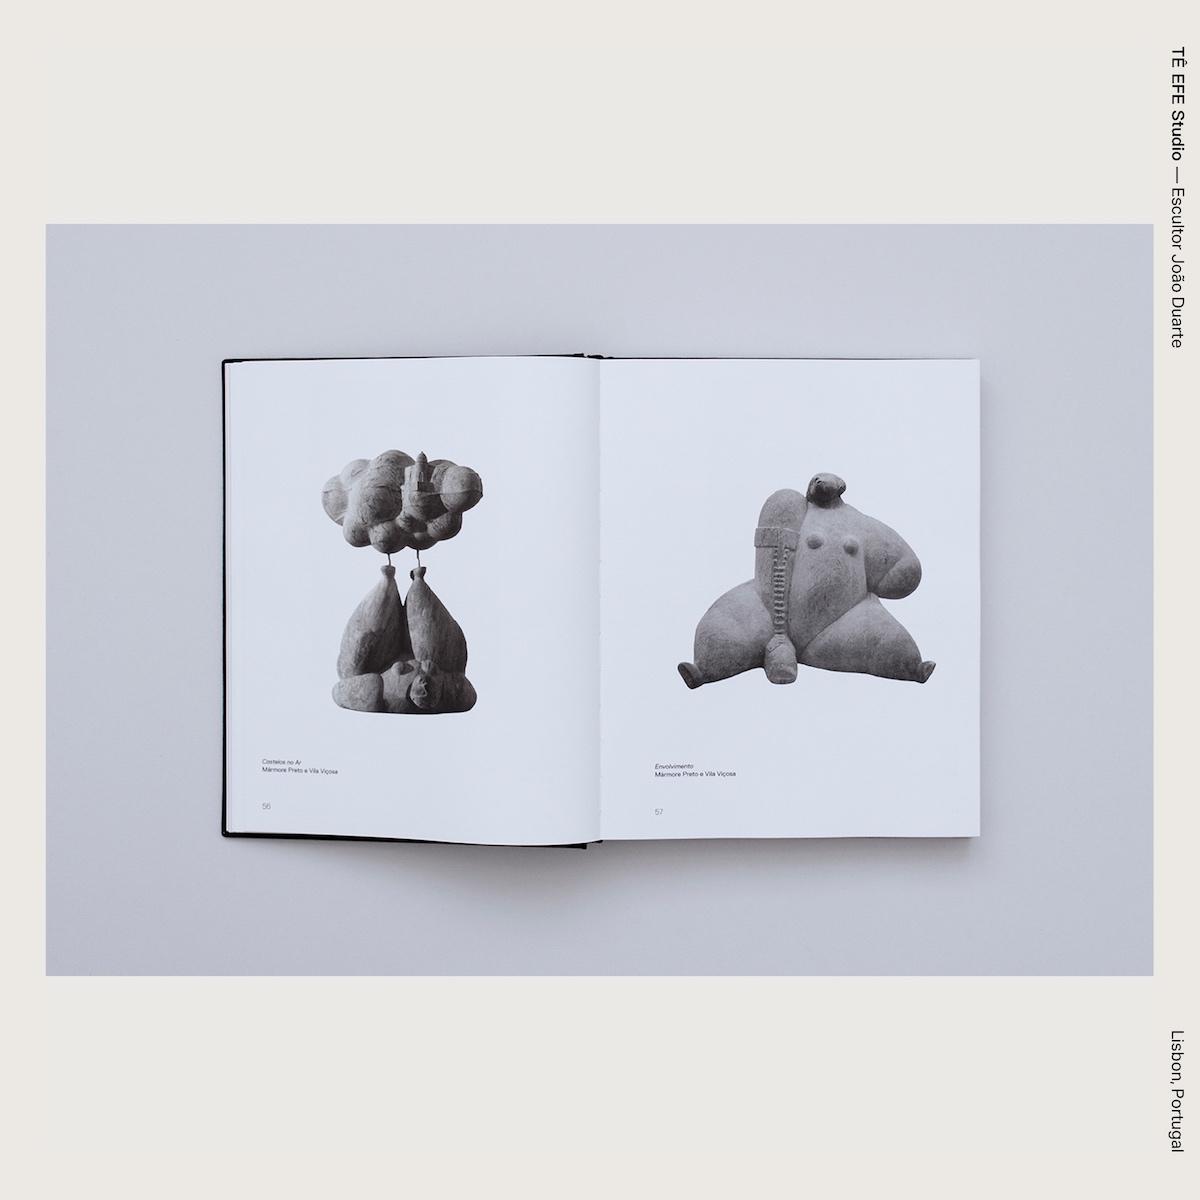 TÊ EFE Studio — Escultor João Duarte